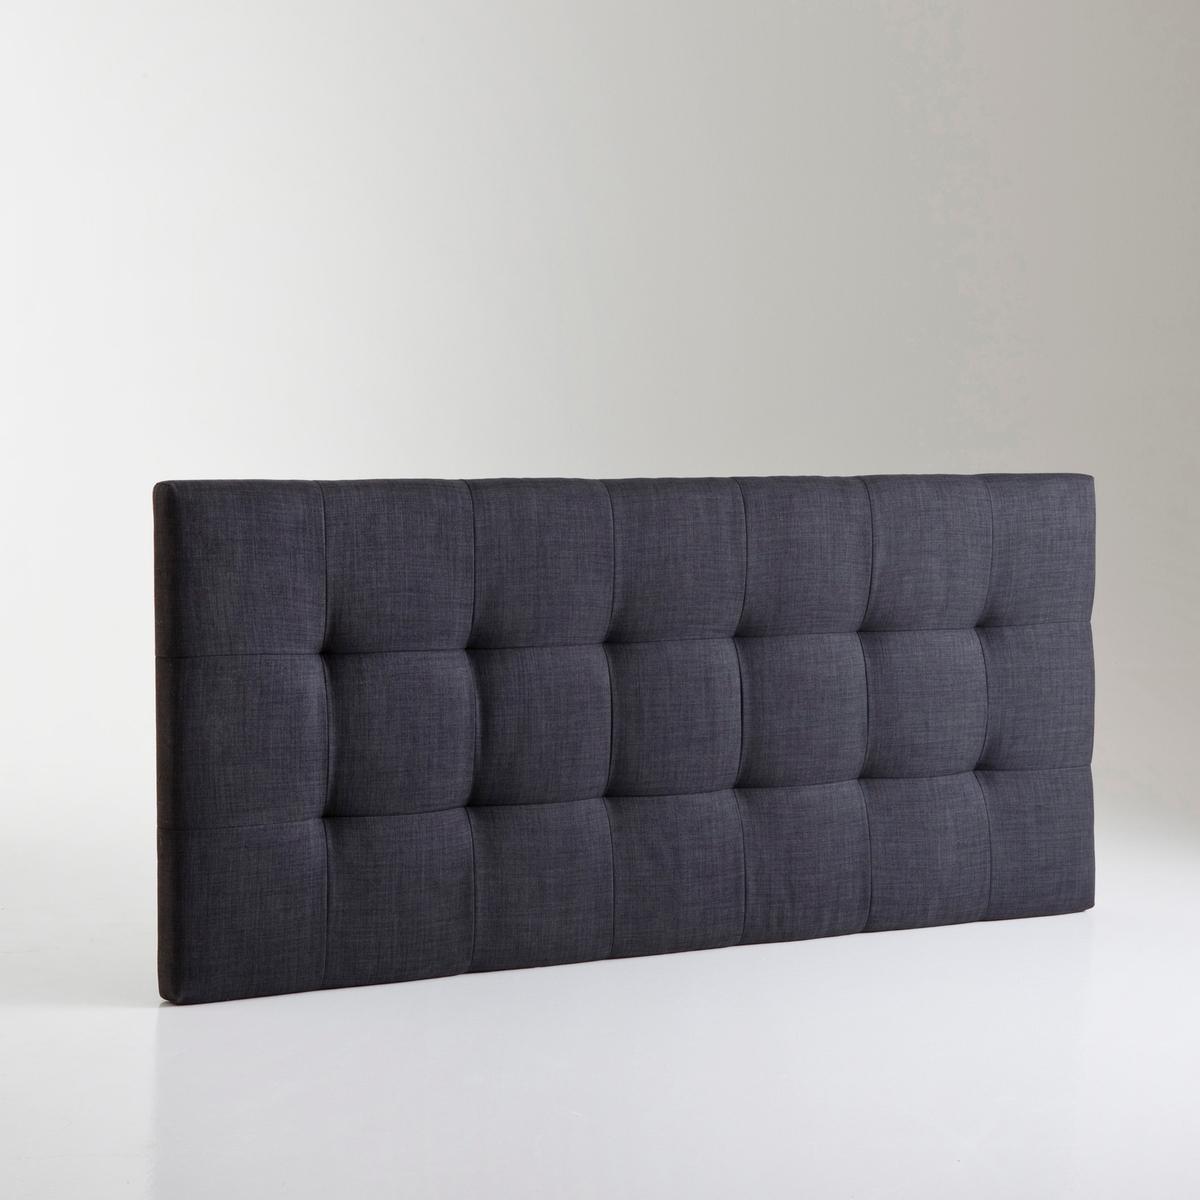 Изголовье LaRedoute Кровати с обивкой в современном стиле Numa 140 см серый кровать laredoute numa 160 x 200 см серый